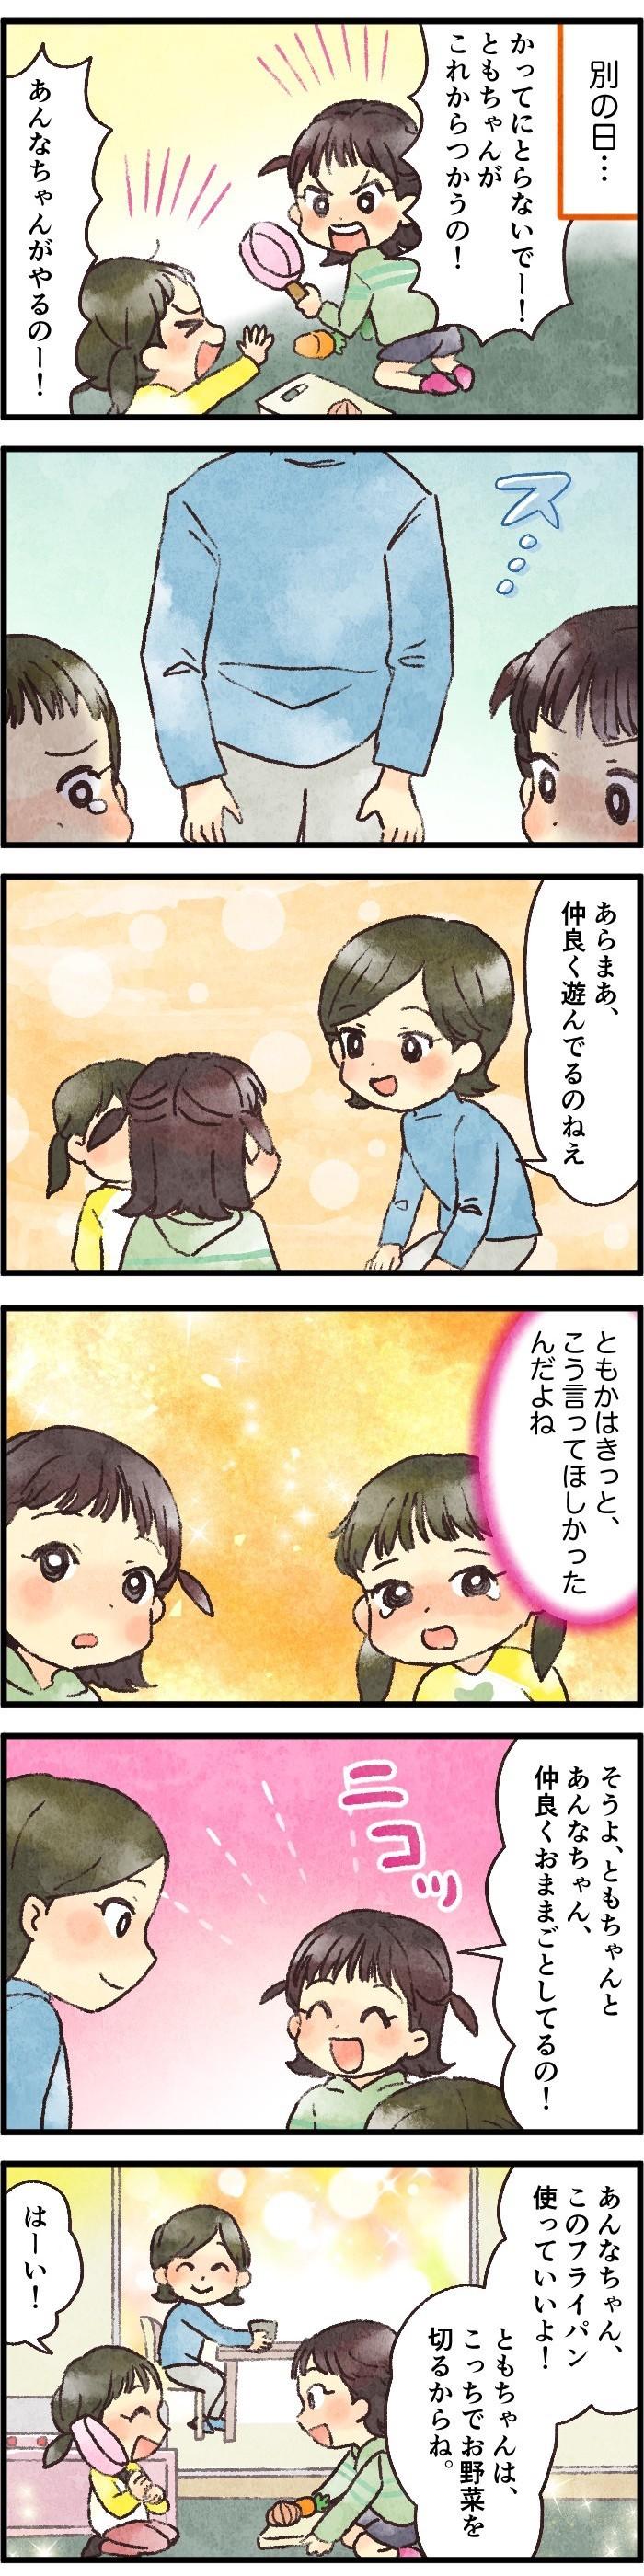 「私がママになったらね…」姉妹喧嘩にイライラしていた私が、ハッとした娘の言葉の画像5